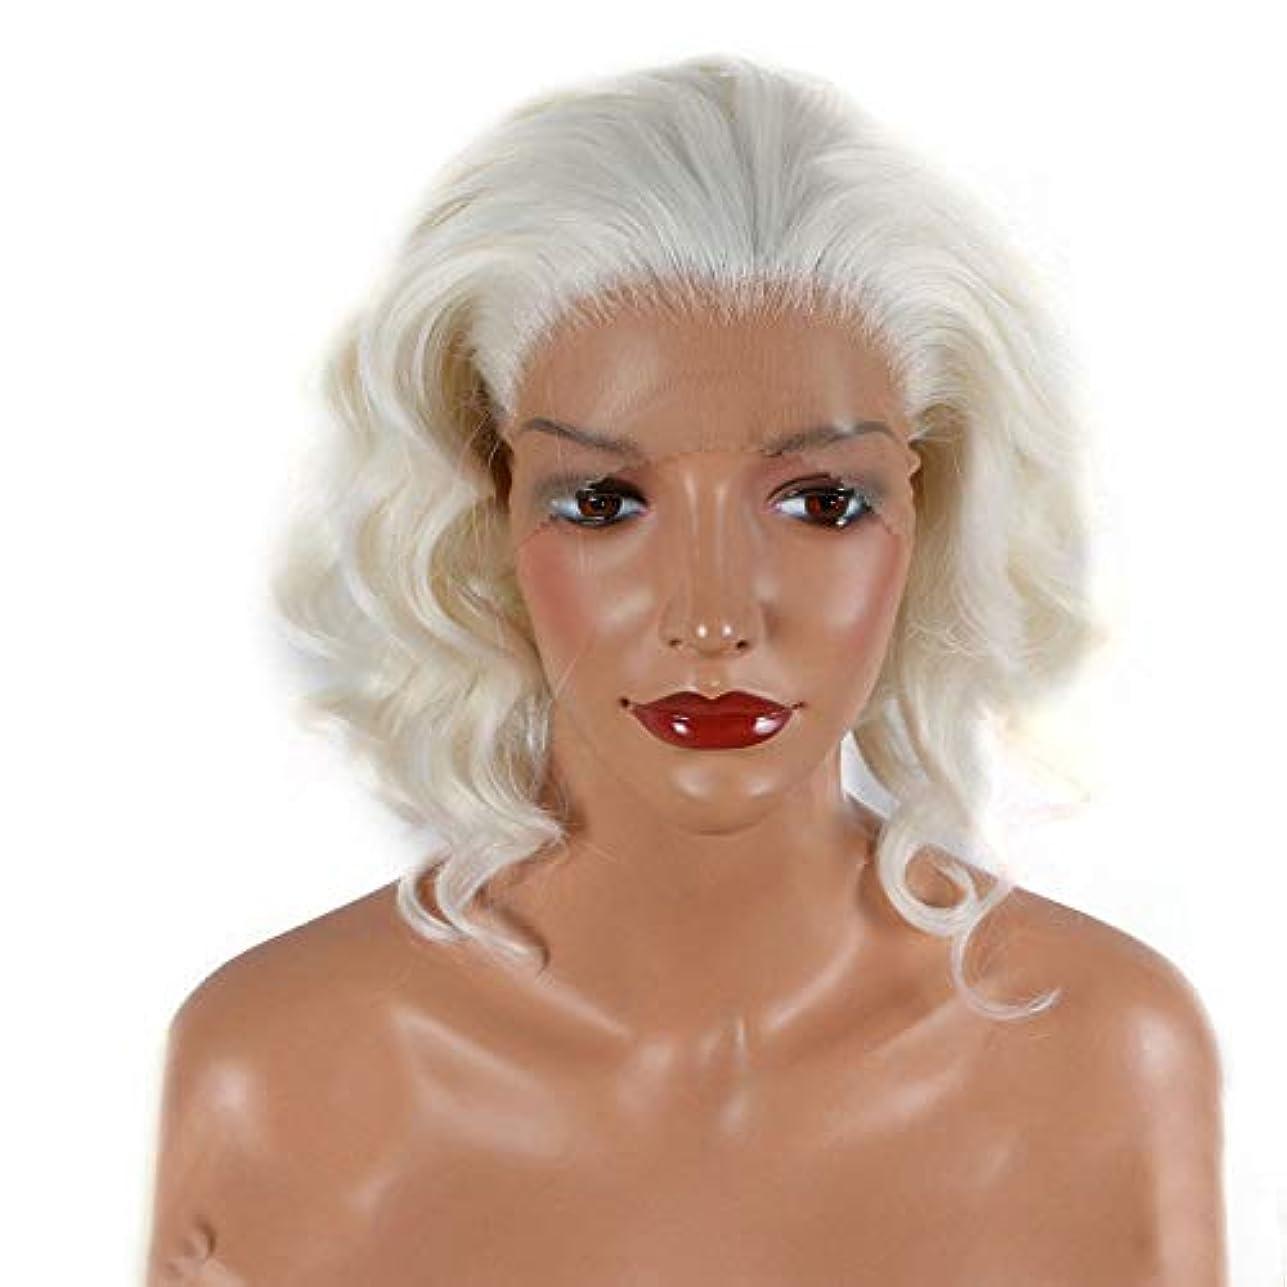 肥満残酷母性YOUQIU 女性の日常かつらのために女子ショートボブスタイルカーリー白毛ウィッグ (色 : ホワイト)